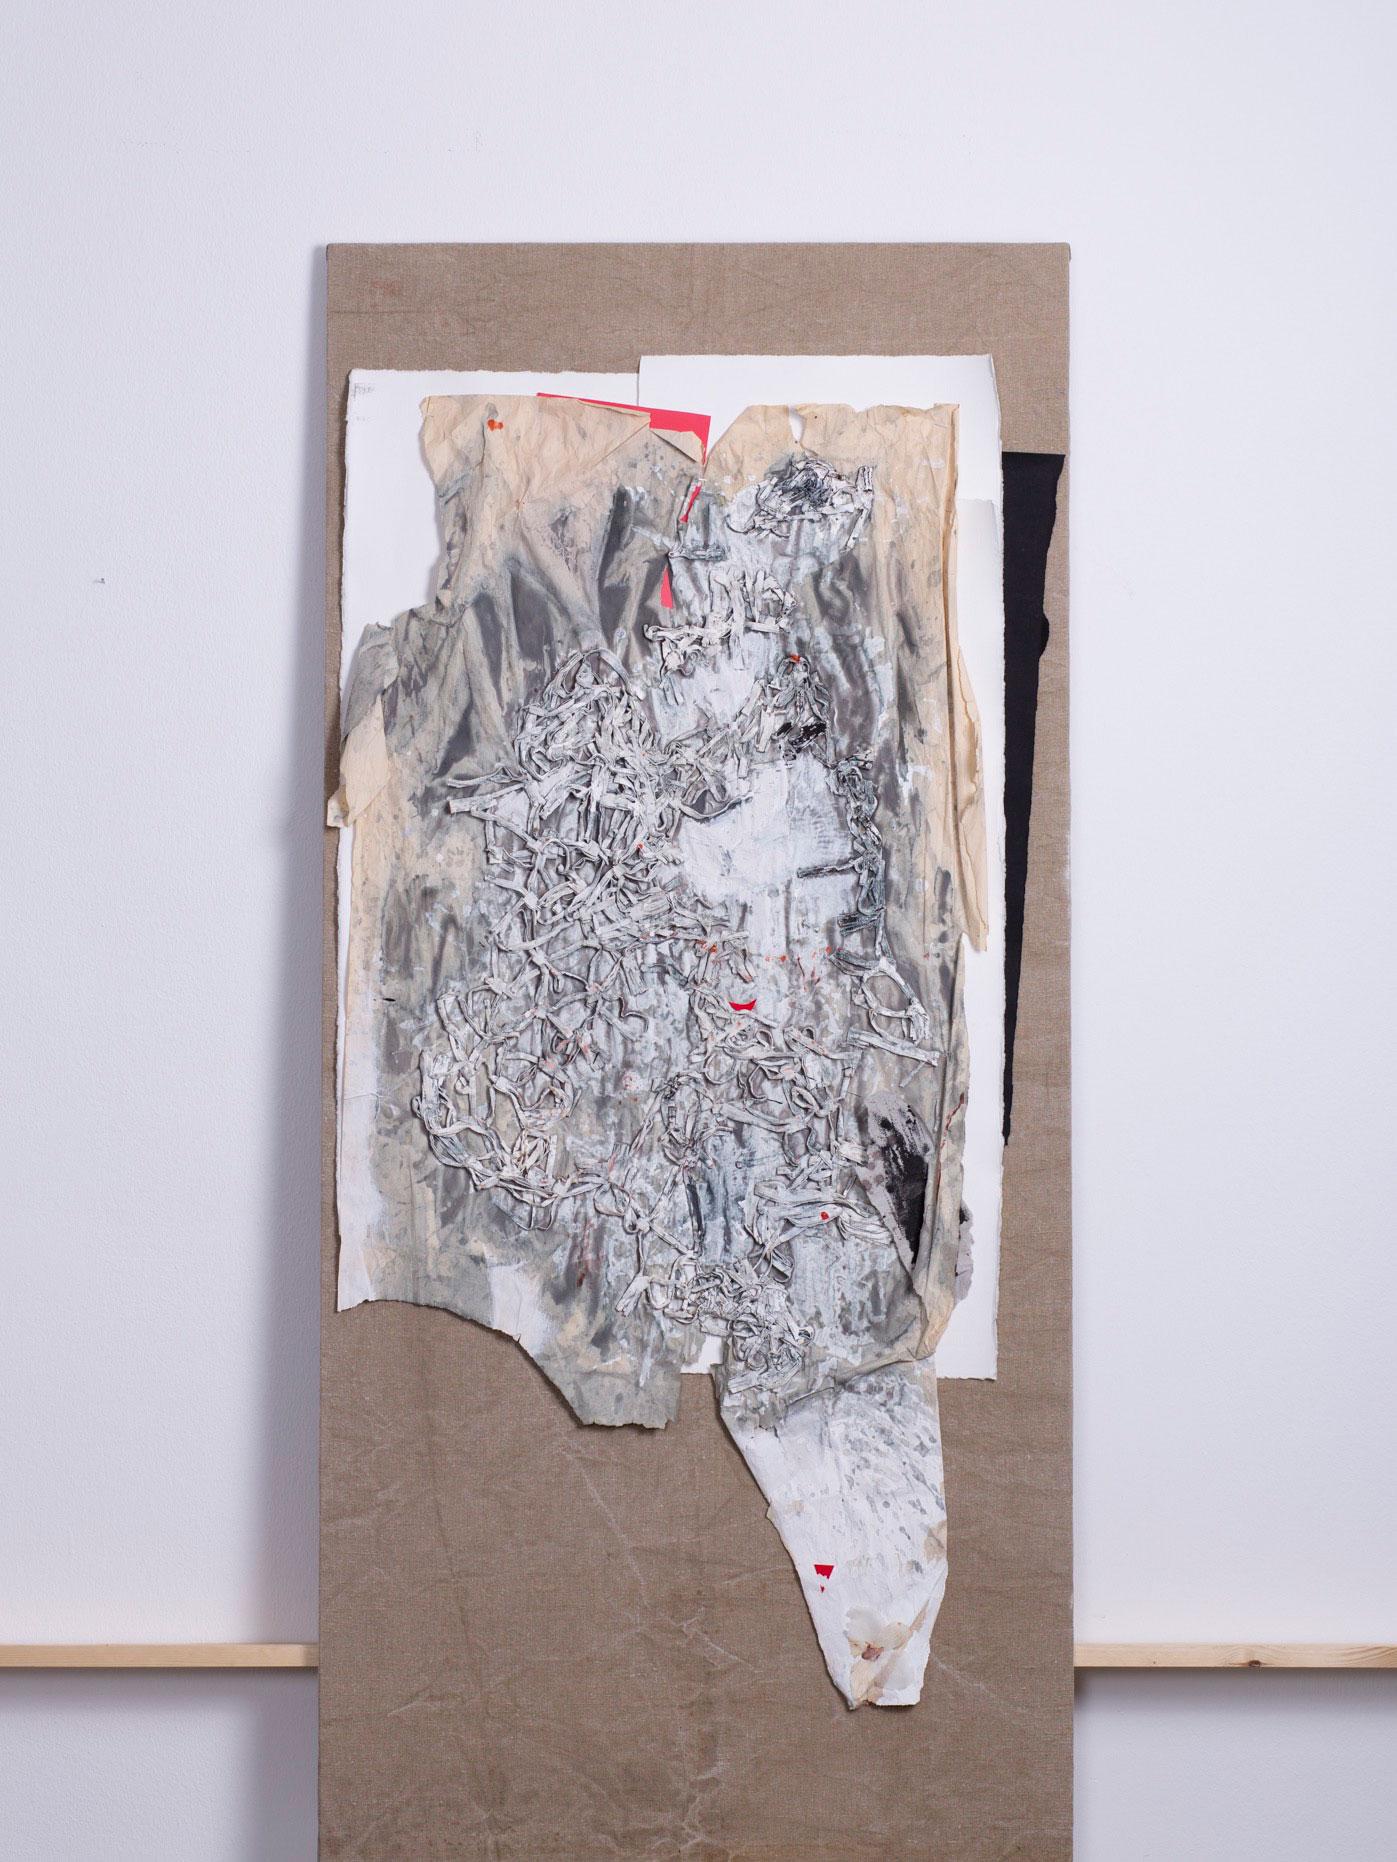 Antikoons, 2013 - 70x150 cm, Verpackungsmaterial und Abrisspapier auf rohem Sackleinen